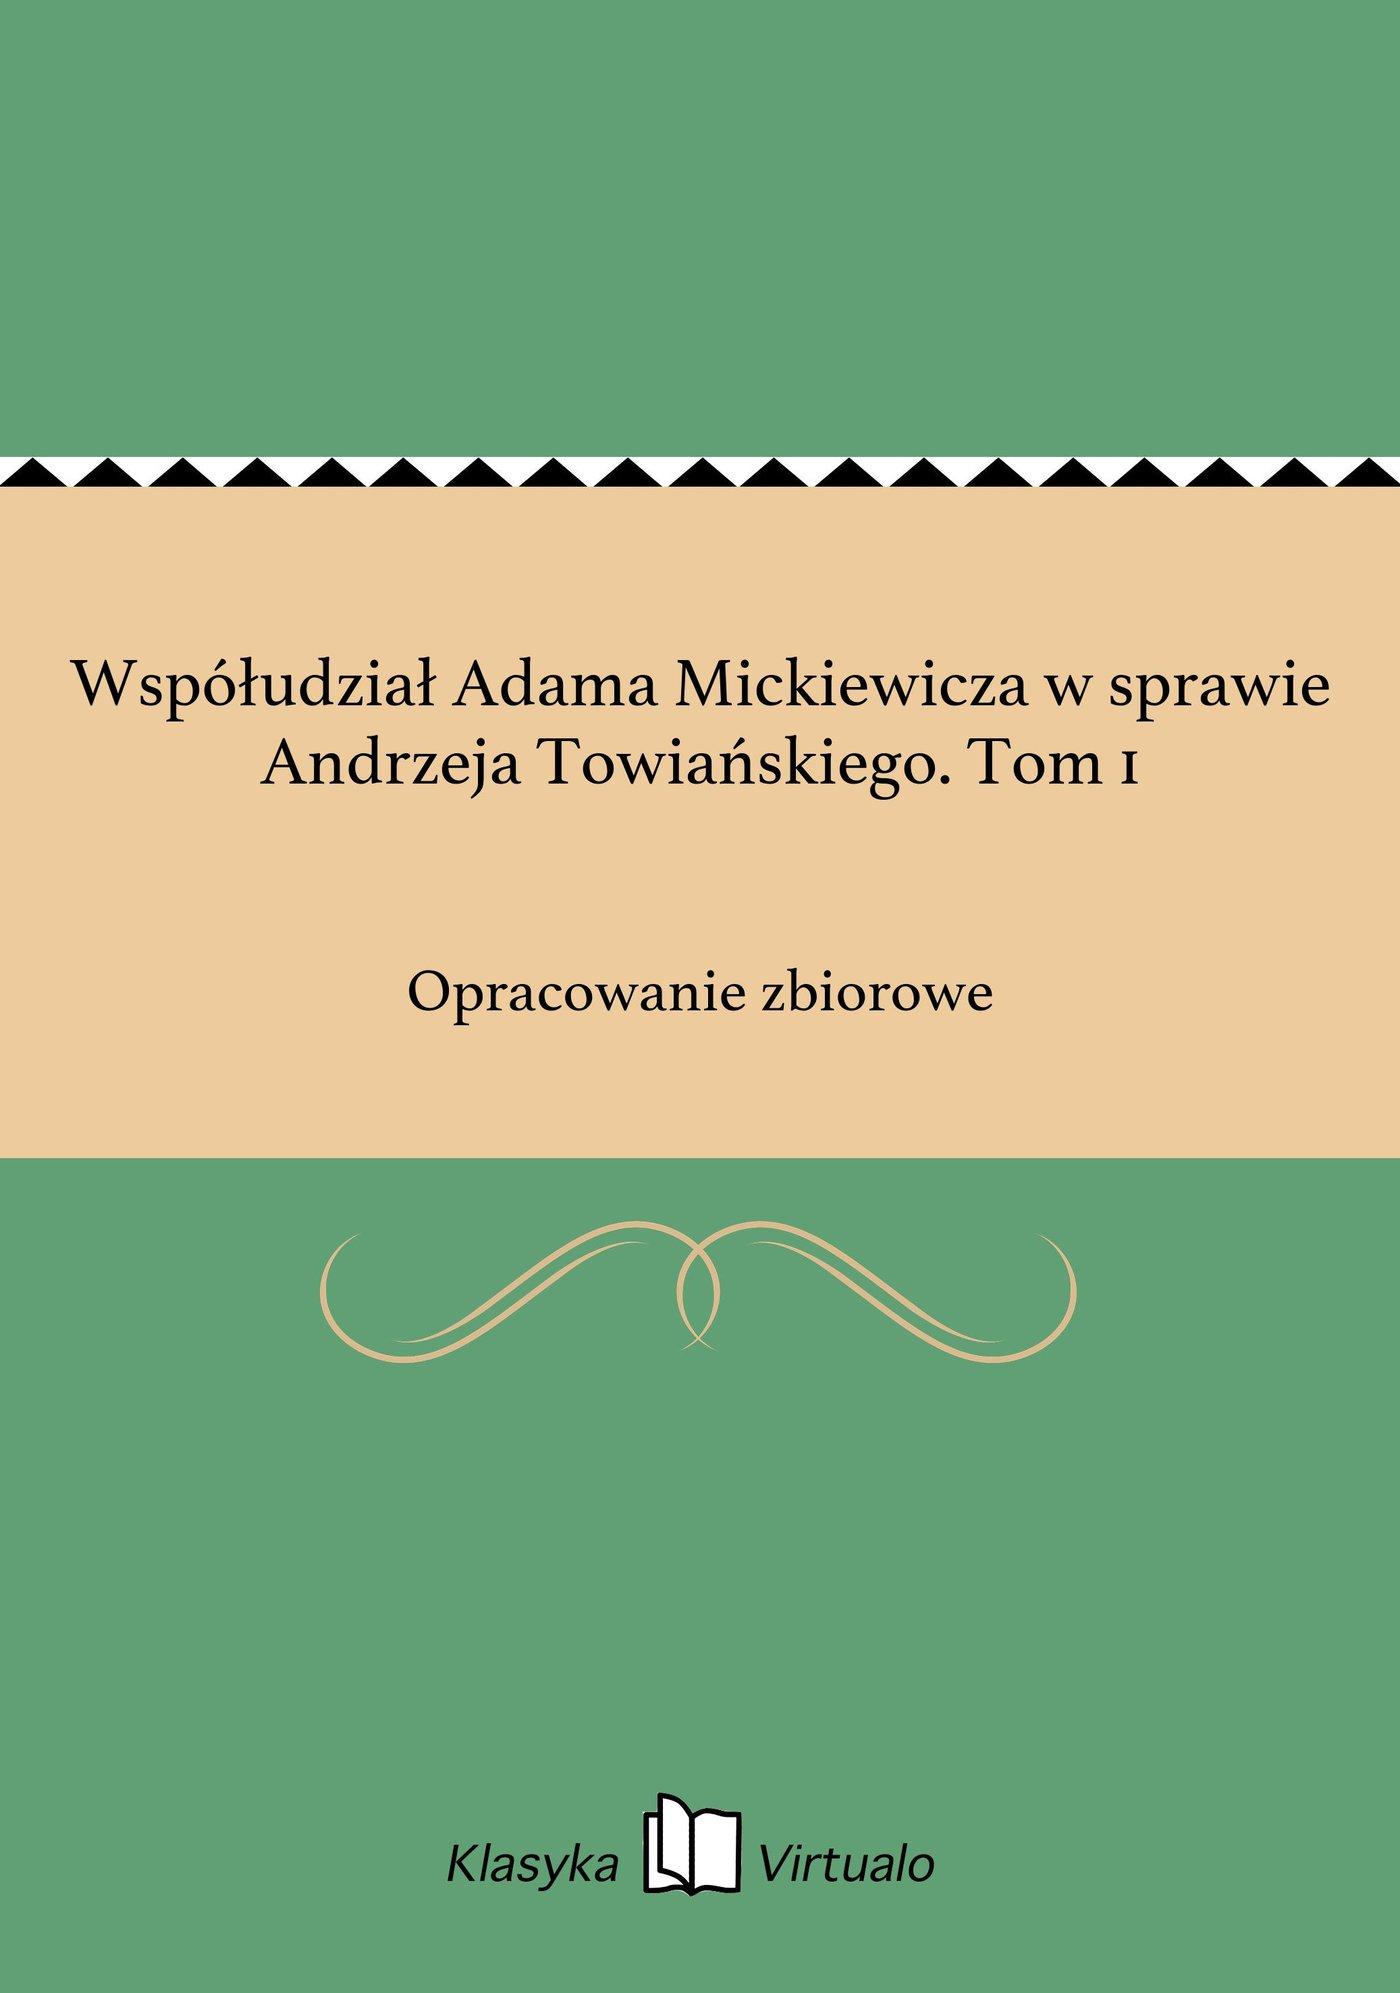 Współudział Adama Mickiewicza w sprawie Andrzeja Towiańskiego. Tom 1 - Ebook (Książka EPUB) do pobrania w formacie EPUB